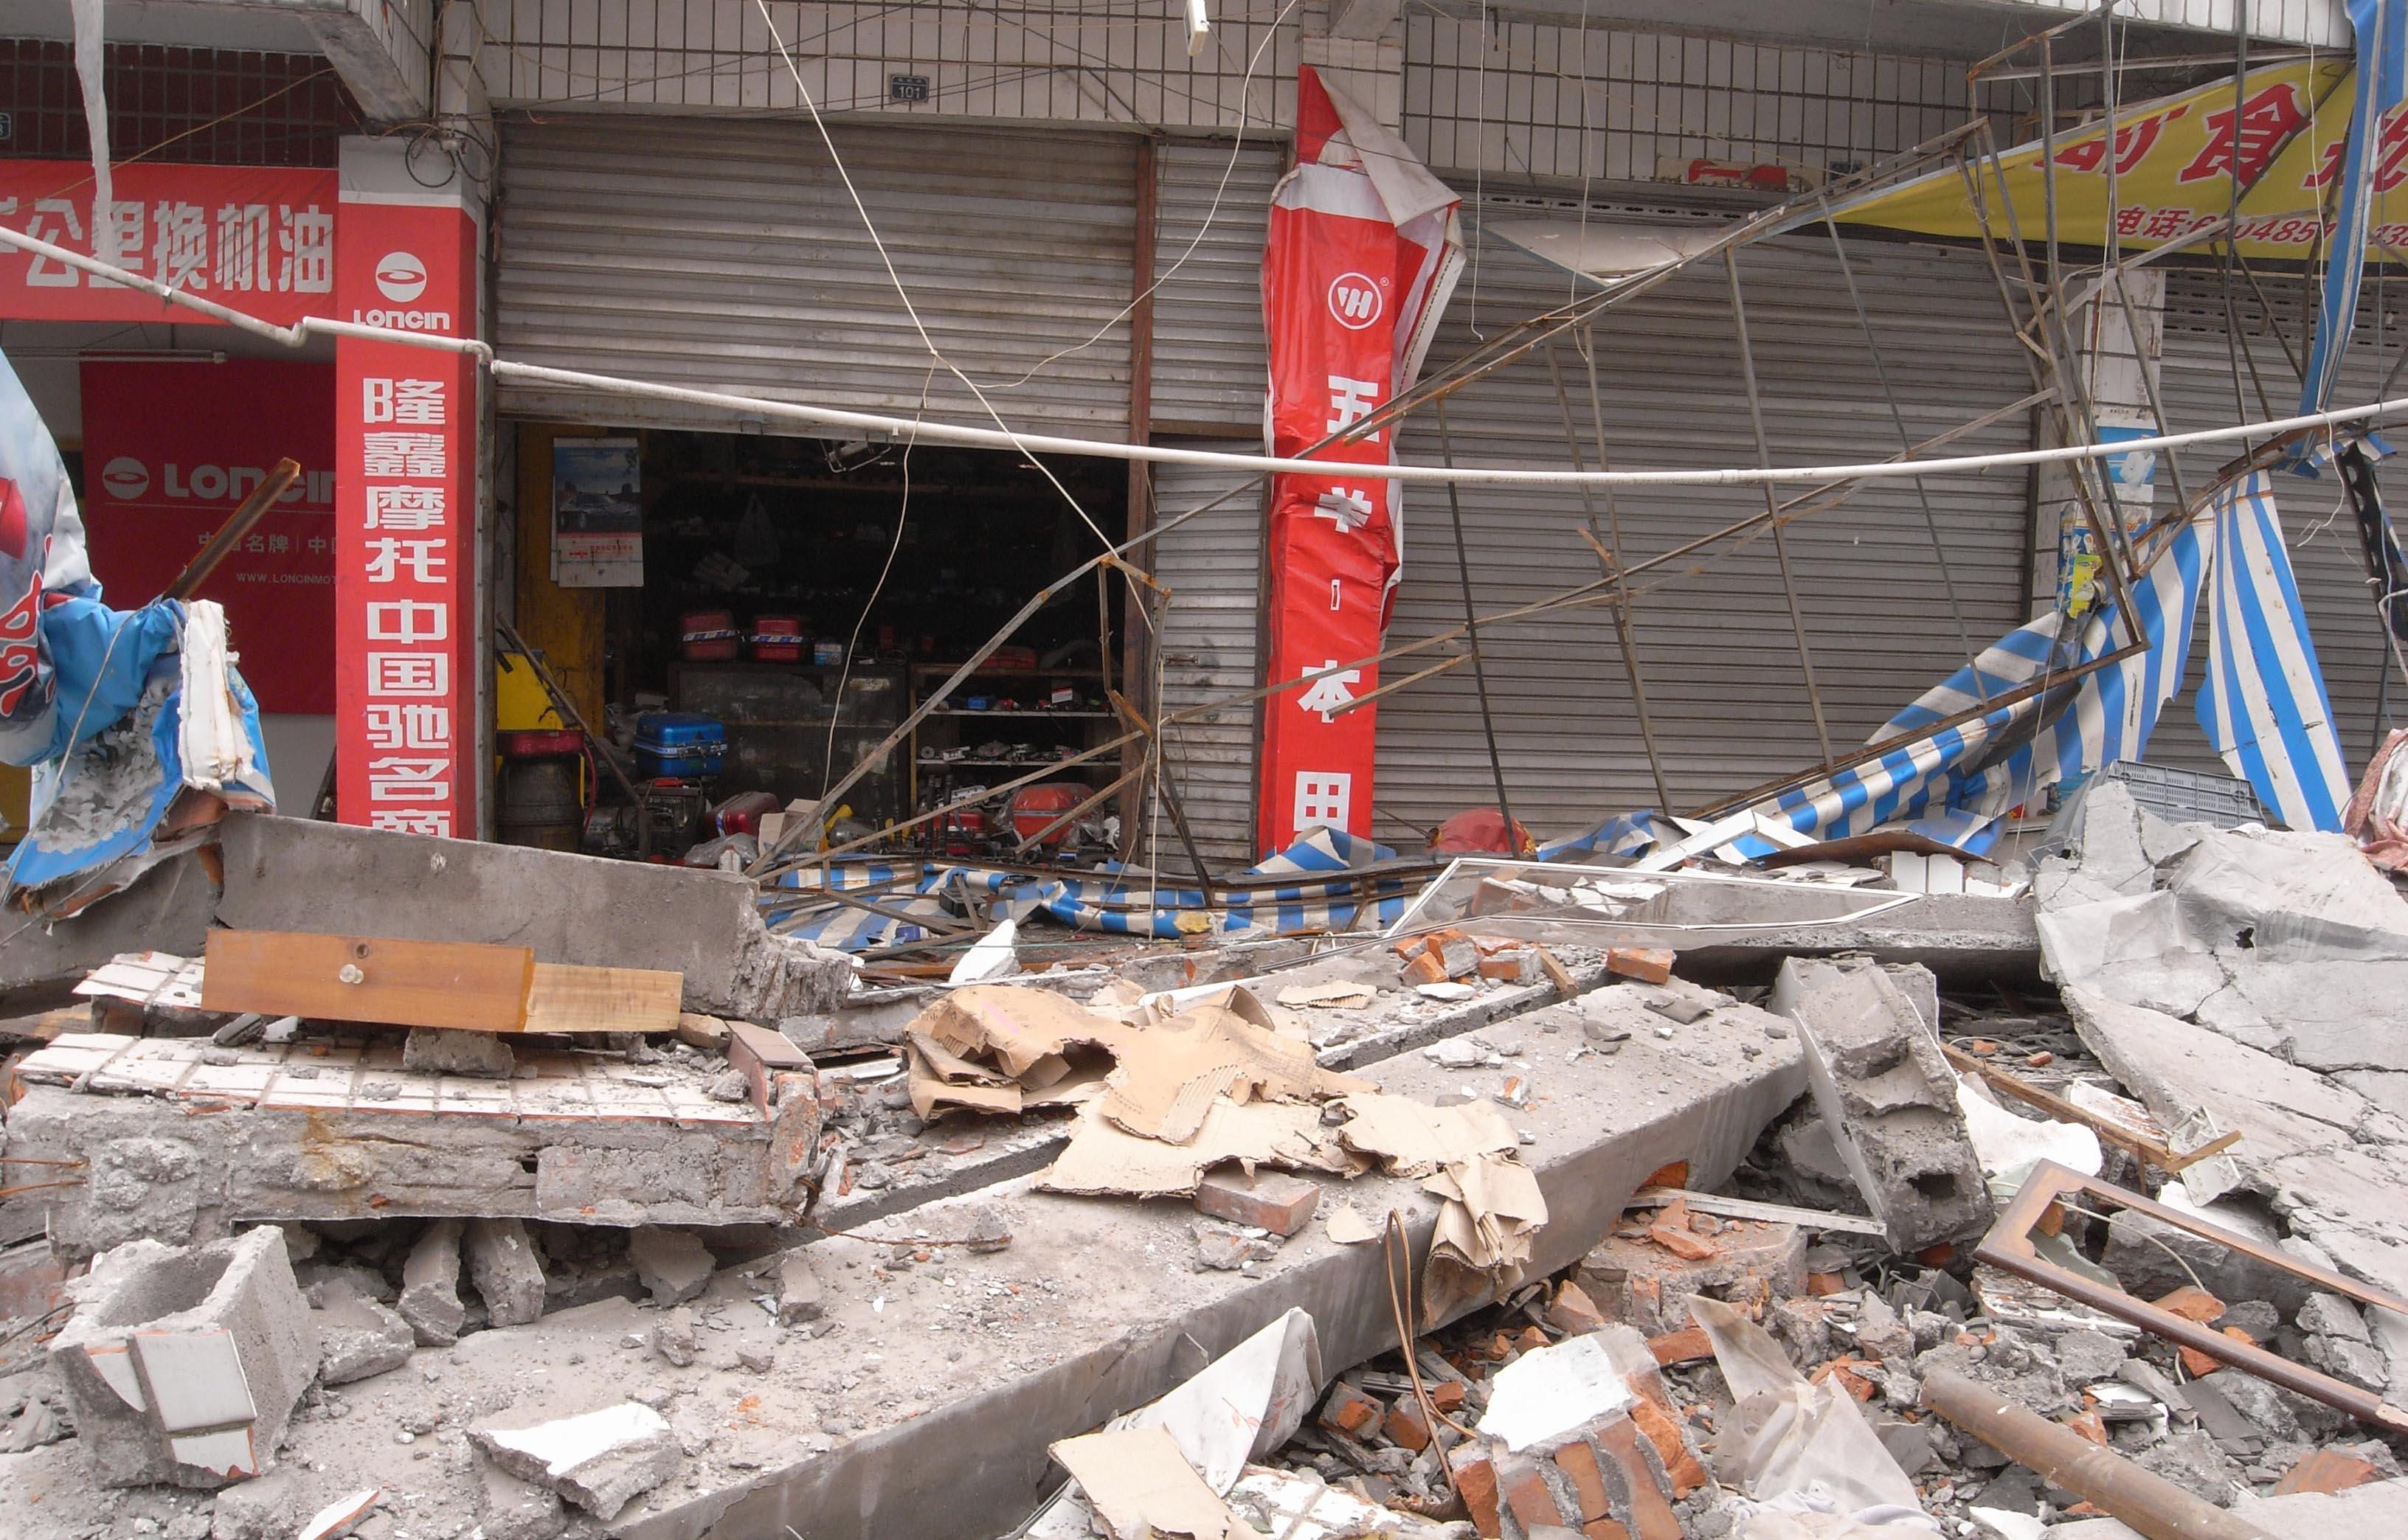 2008년 쓰촨성 지진(규모 8.0)에 의해 부서진 마을의 모습